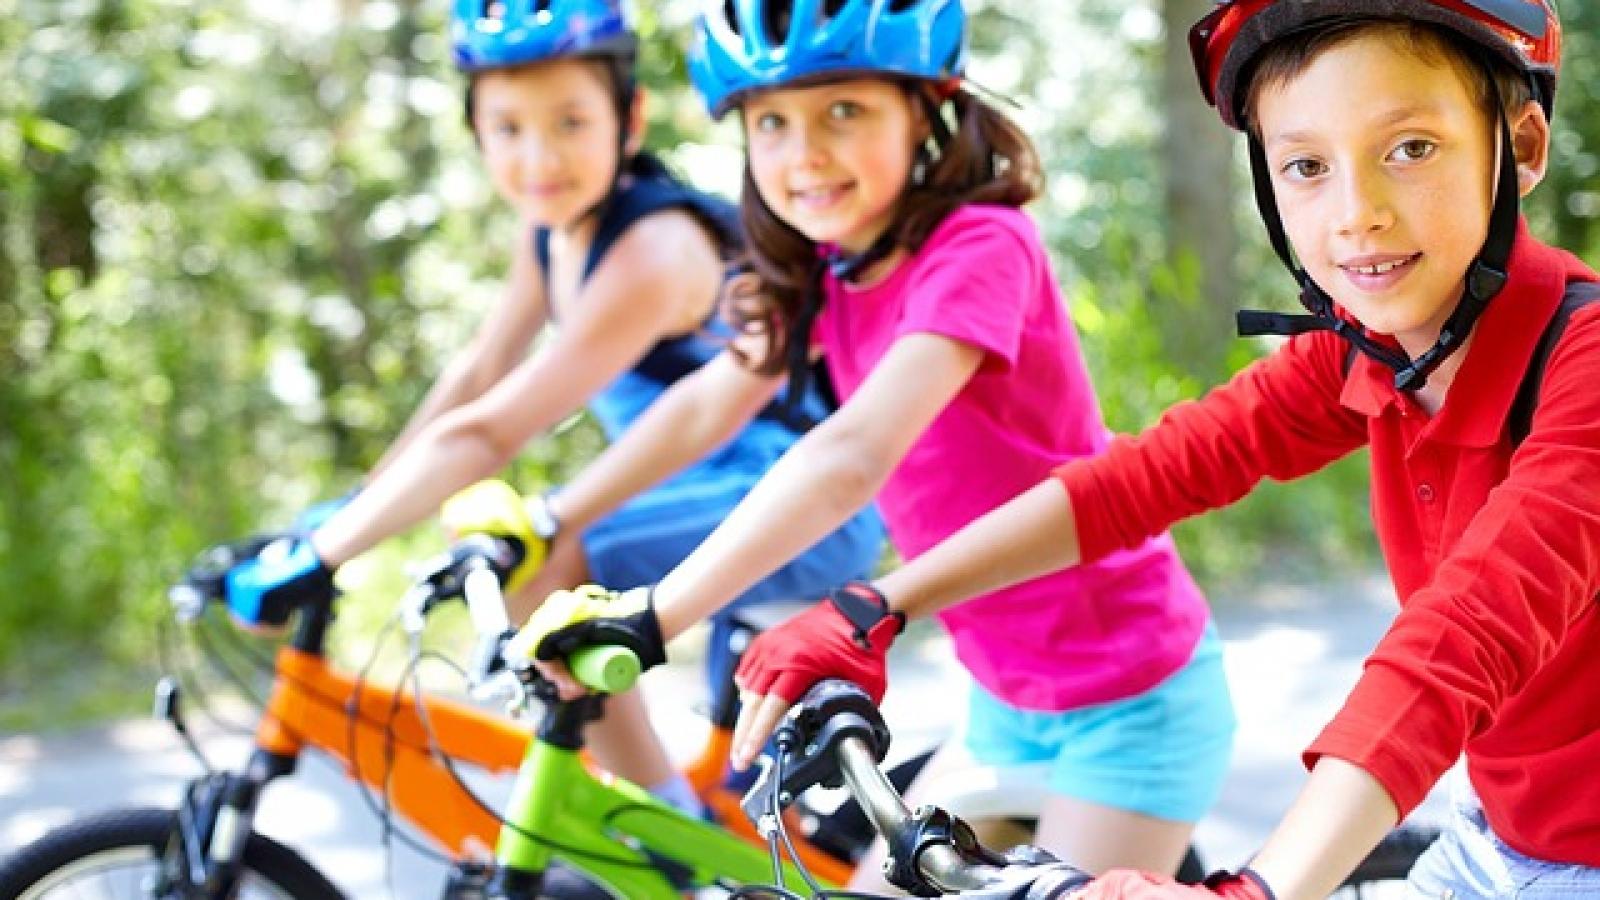 bike-775799_640